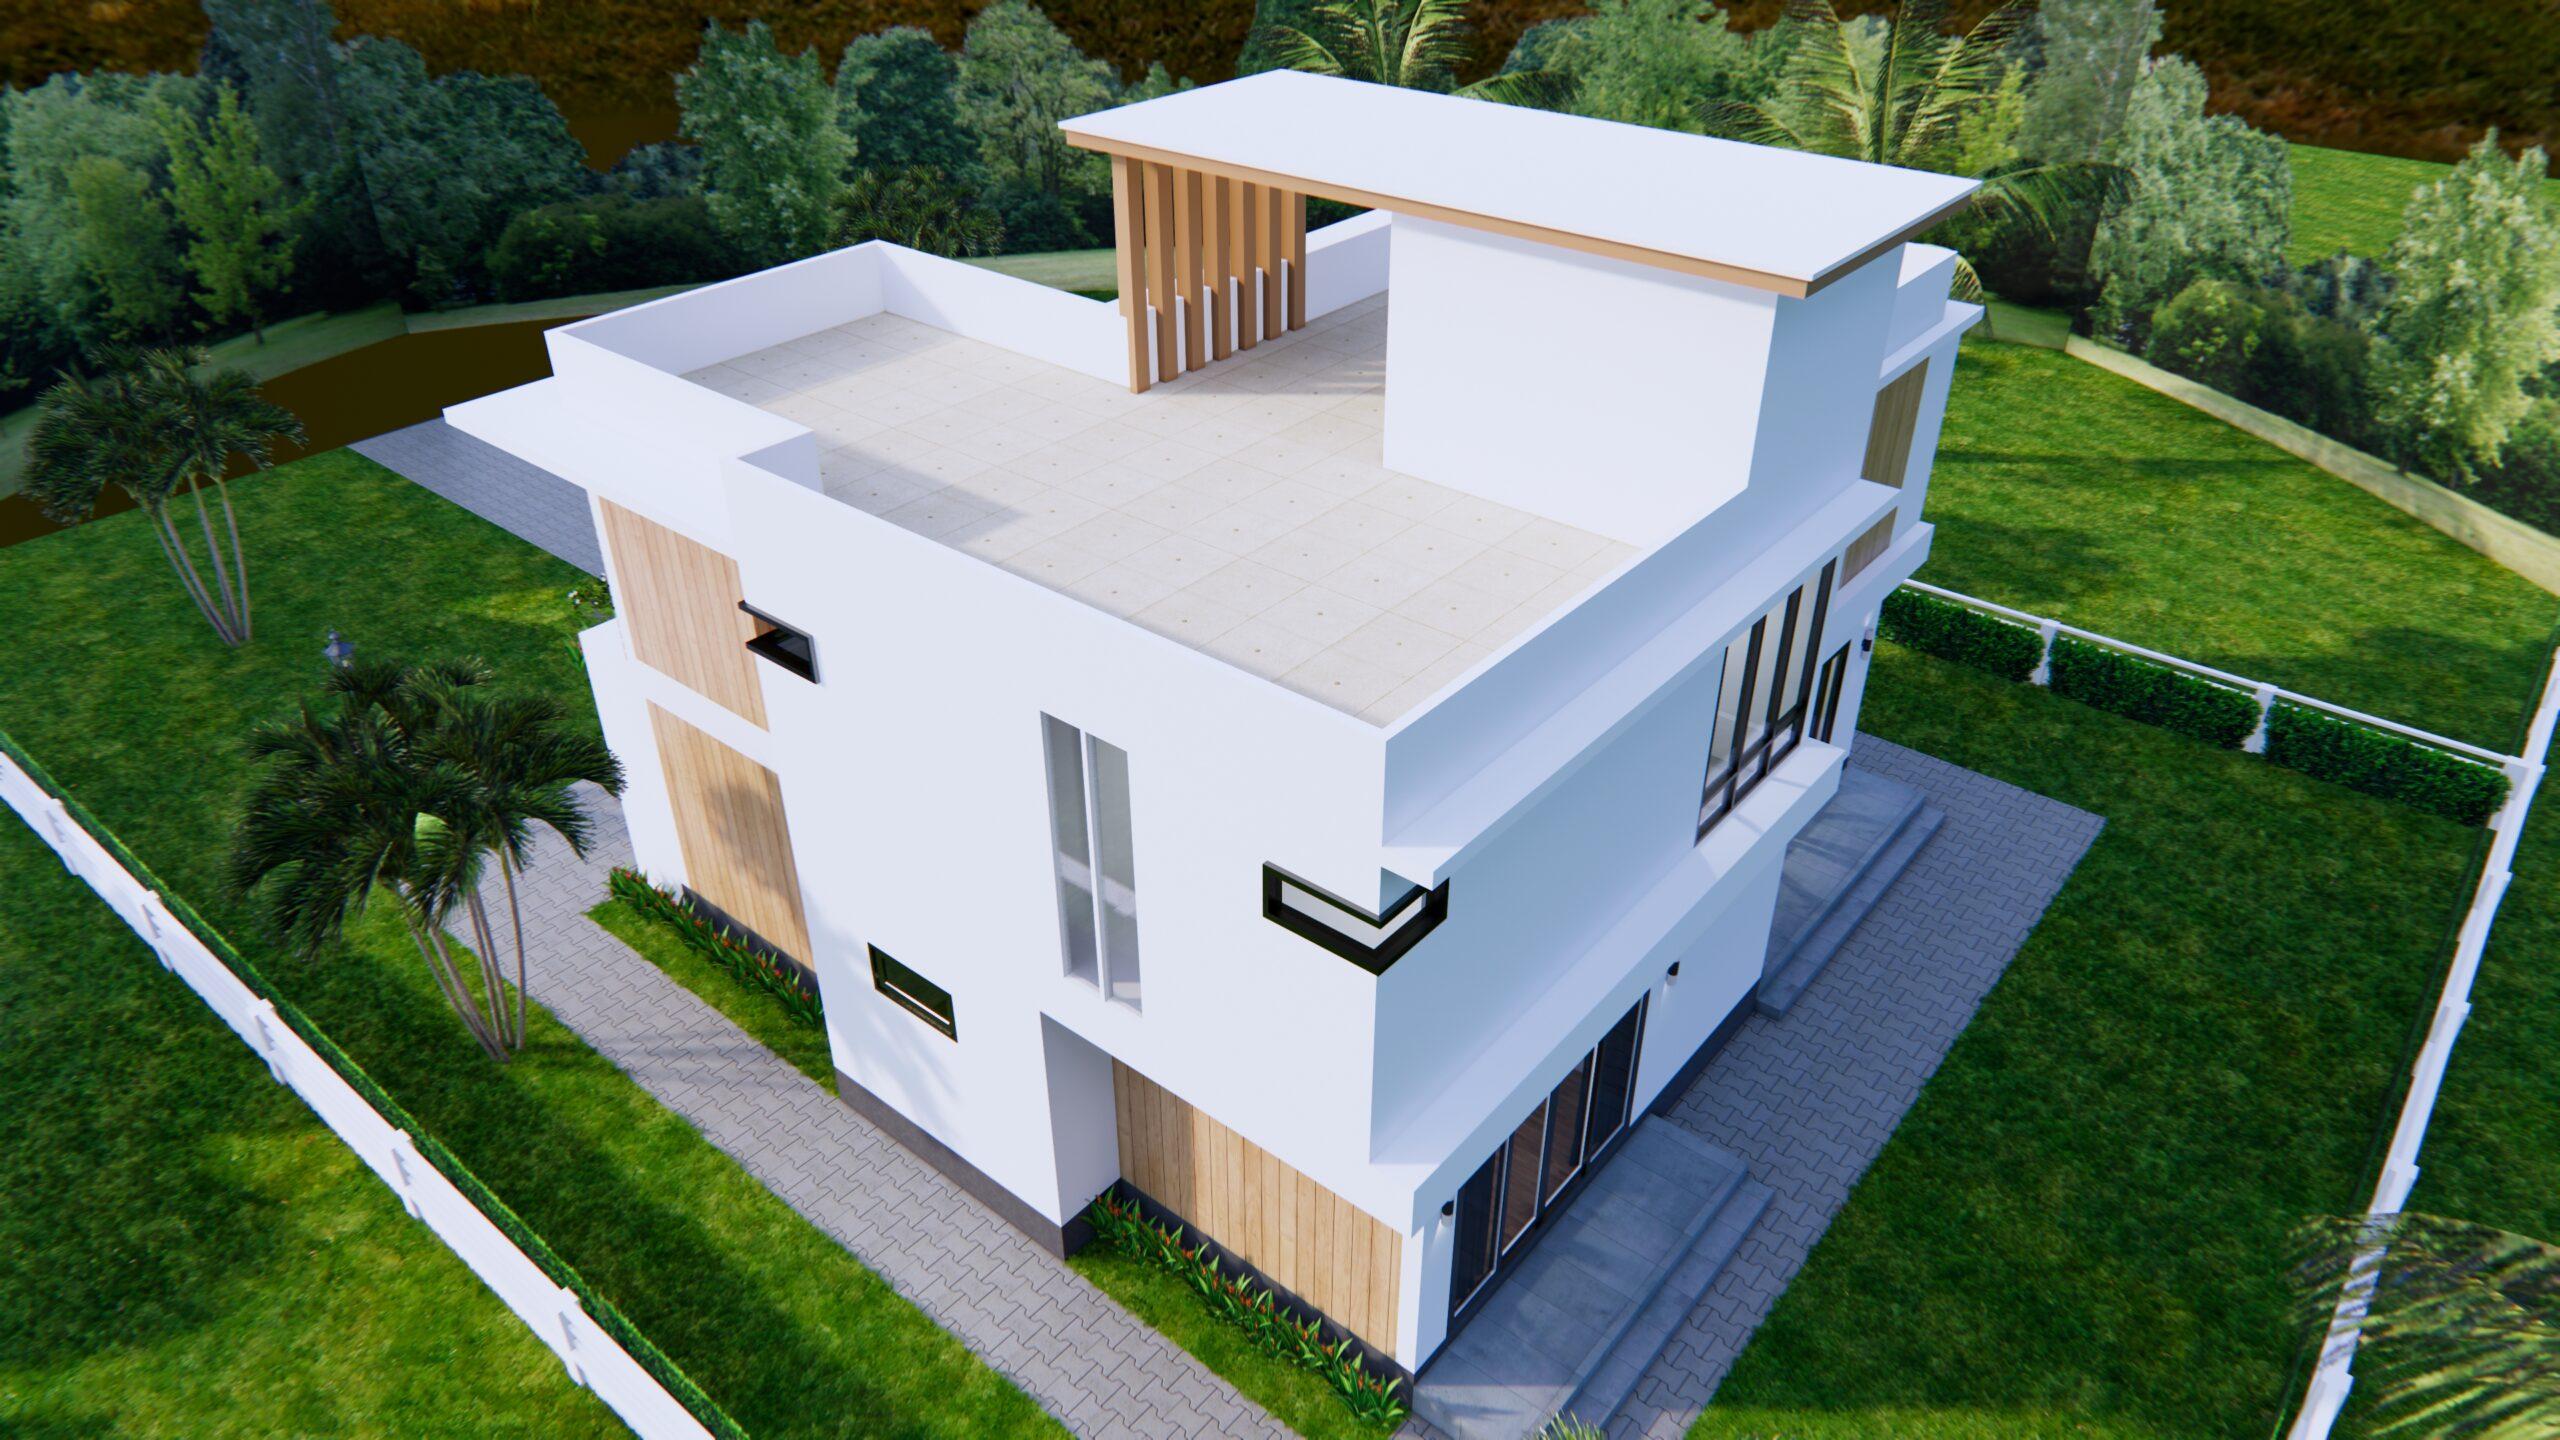 House Plans 12.4x11 Meter 41x35 Feet 4 Beds 7